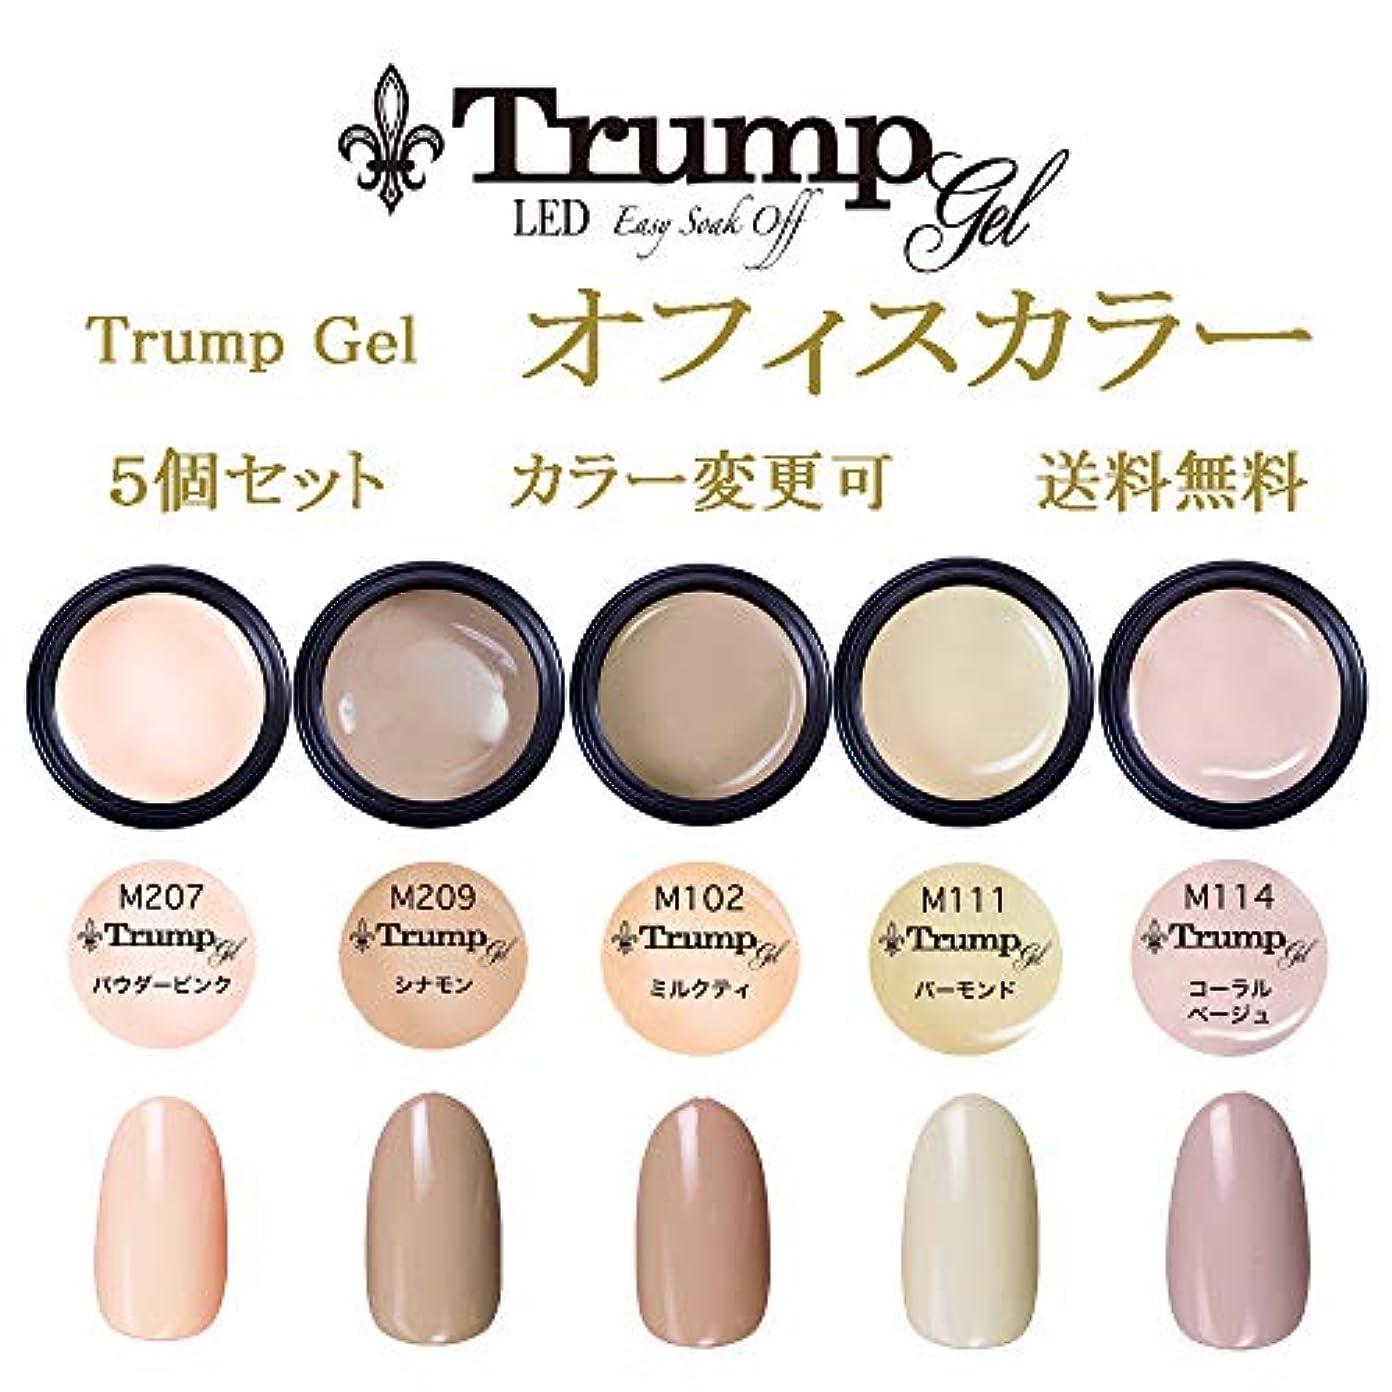 シリーズ冊子オーチャード日本製 Trump gel トランプジェル オフィスカラー 選べる カラージェル 5個セット ベージュ ブラウン ピンク ホワイト ビジネス カジュアル オフィス